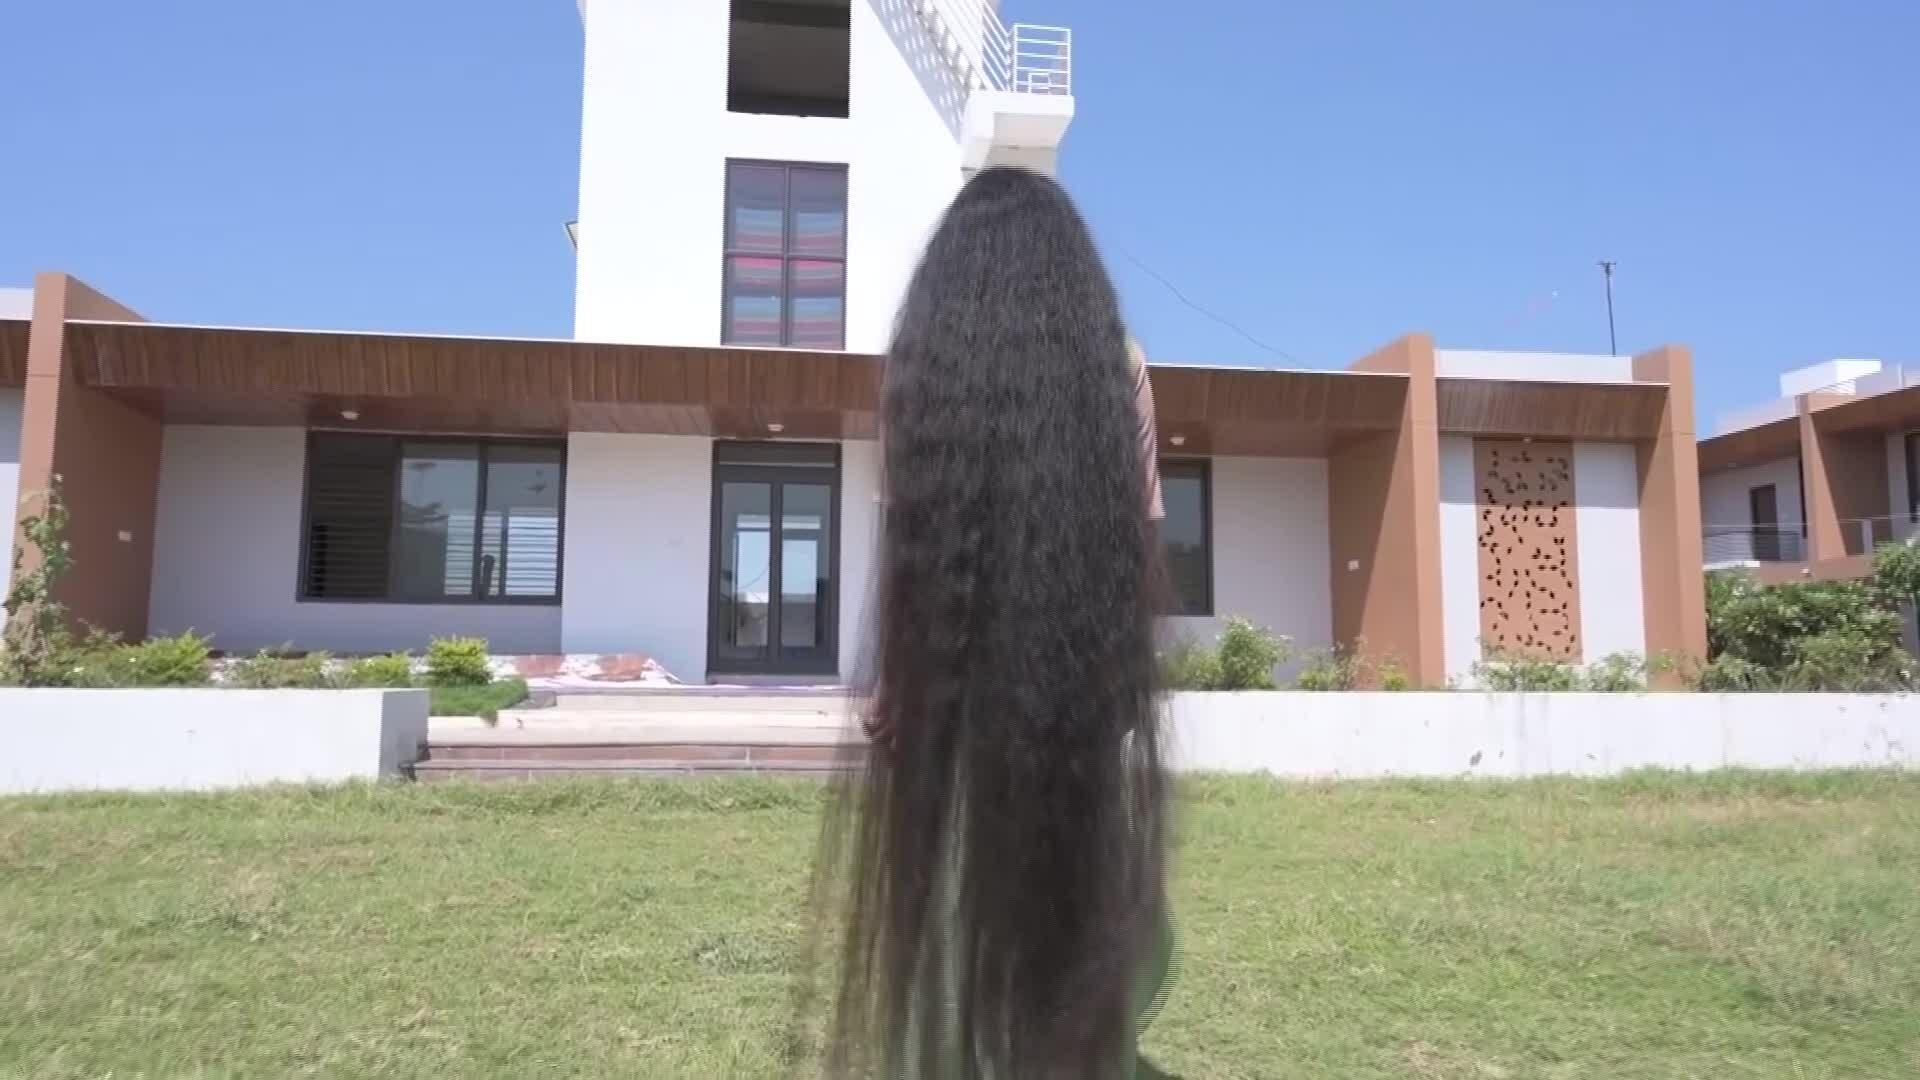 Nữ sinh lập kỷ lục thế giới với mái tóc dài 2 mét